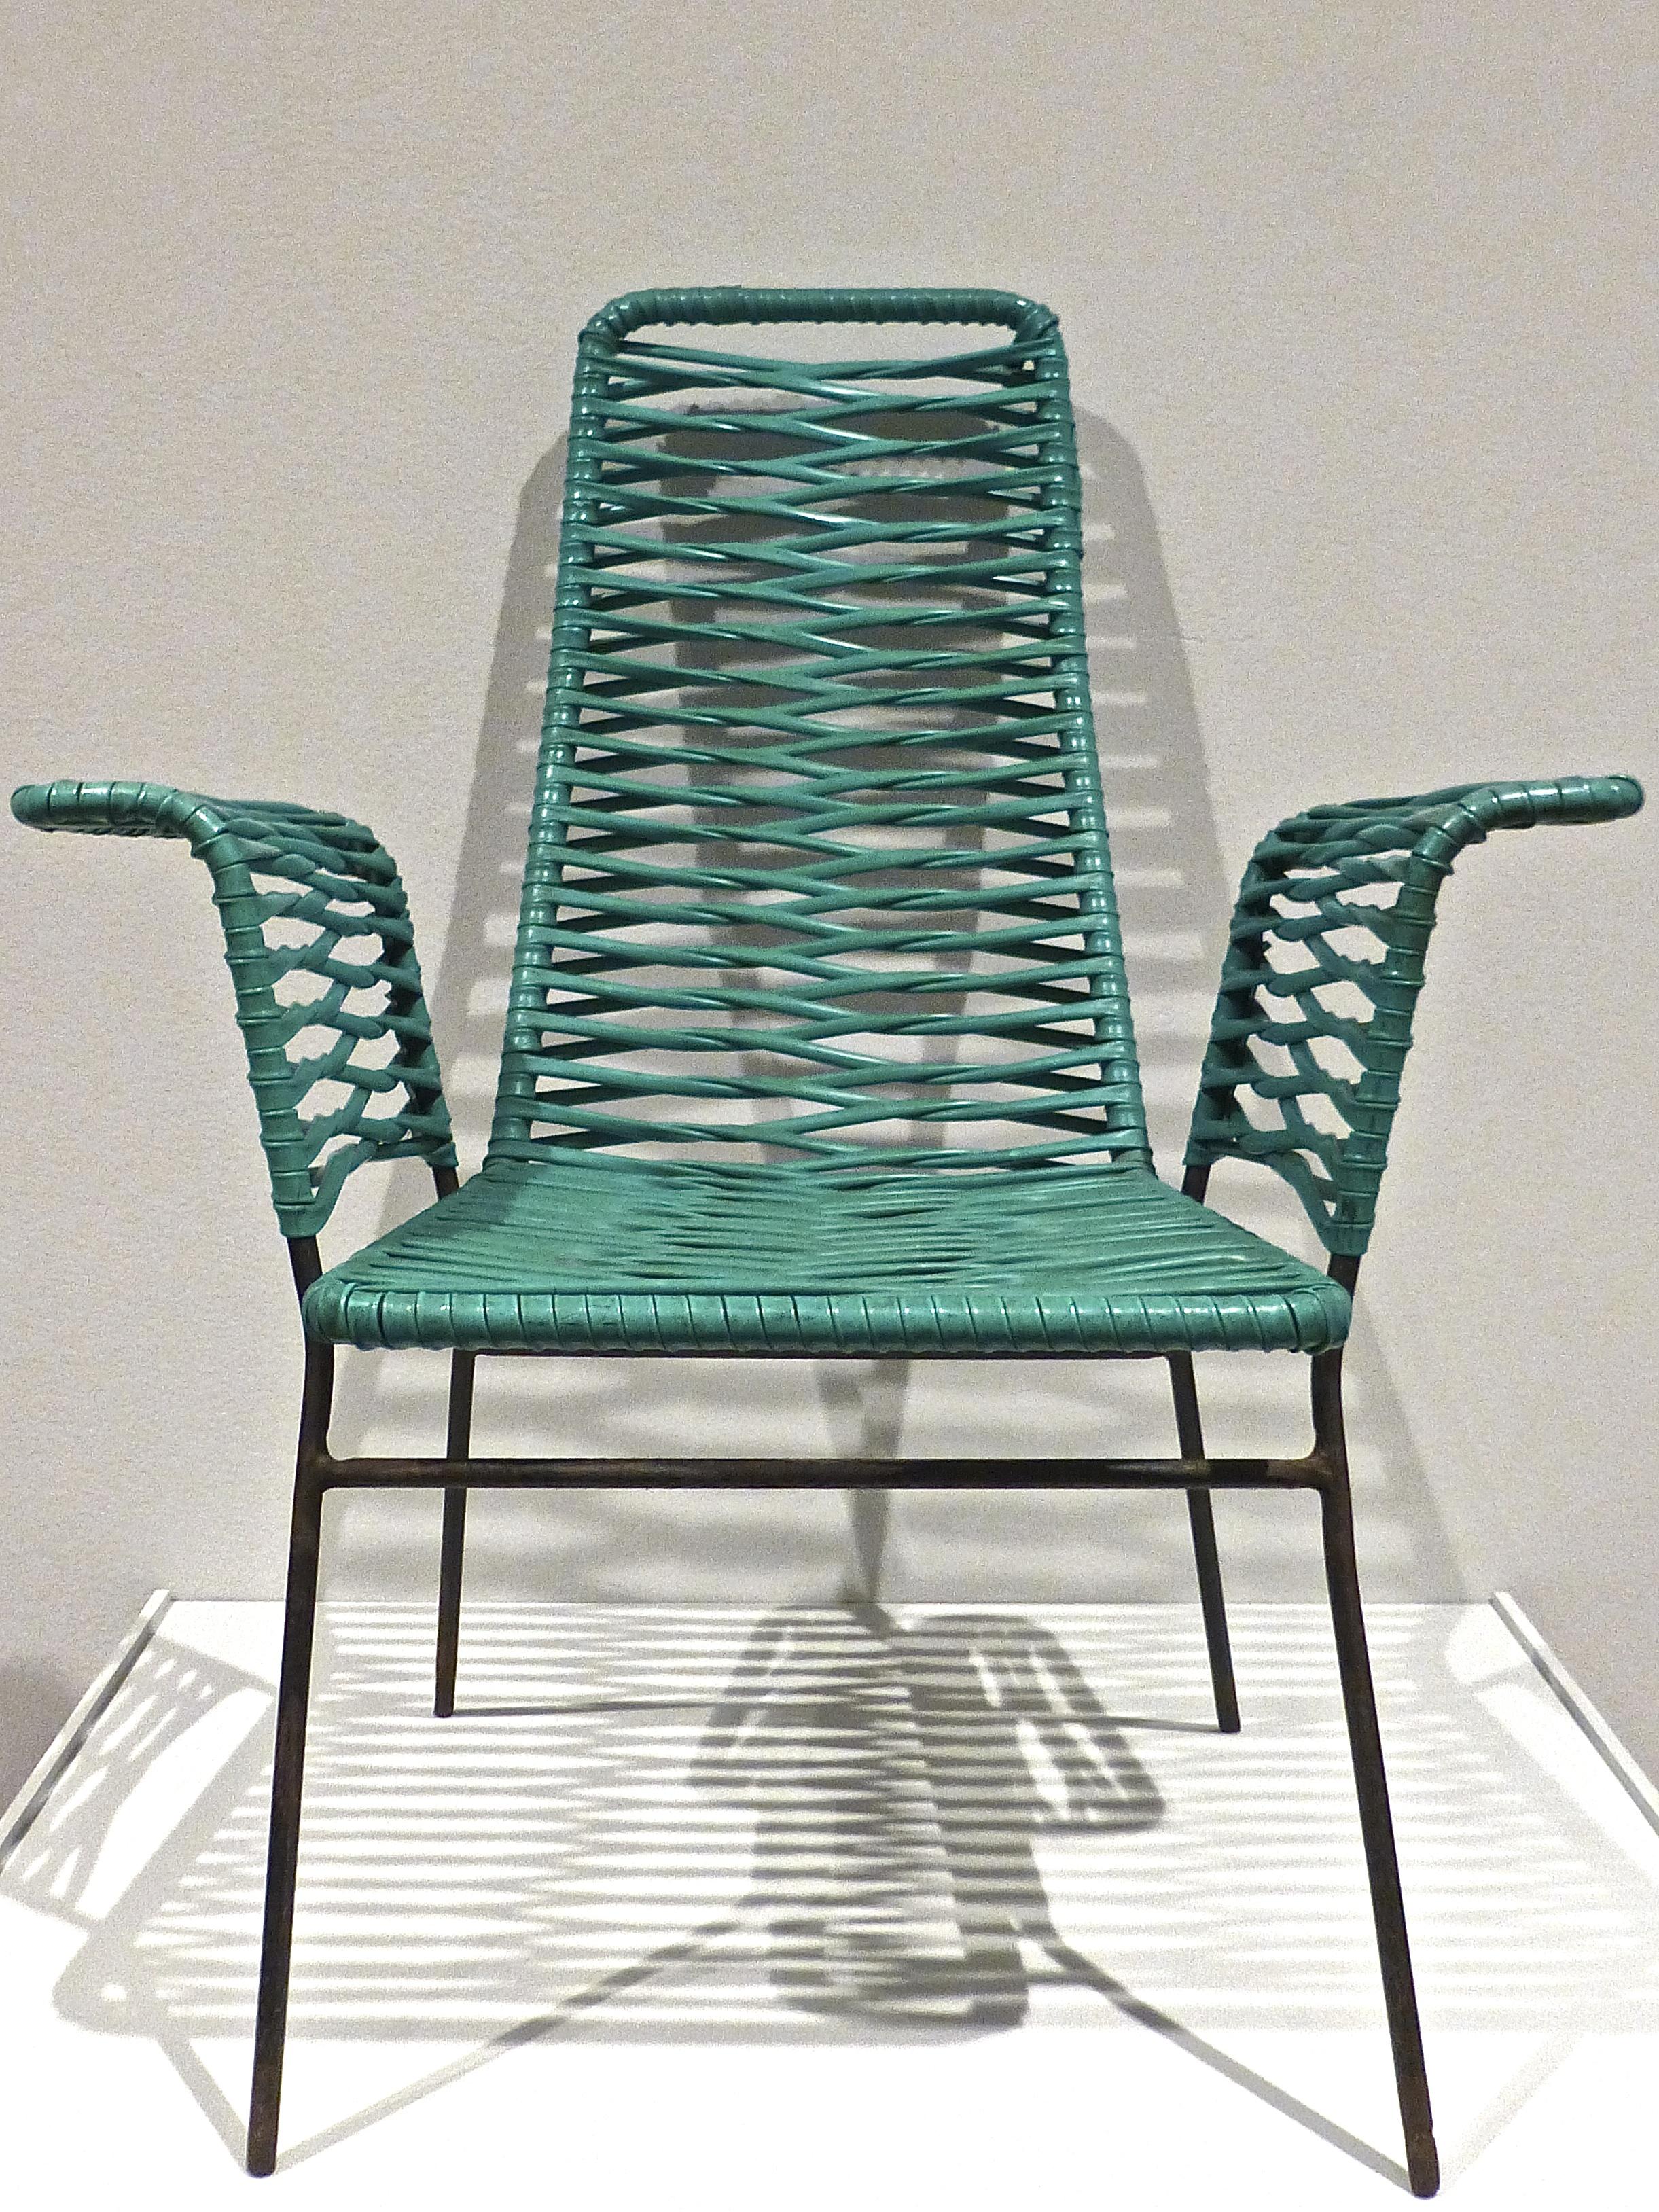 1950s armchair. Designer unknown